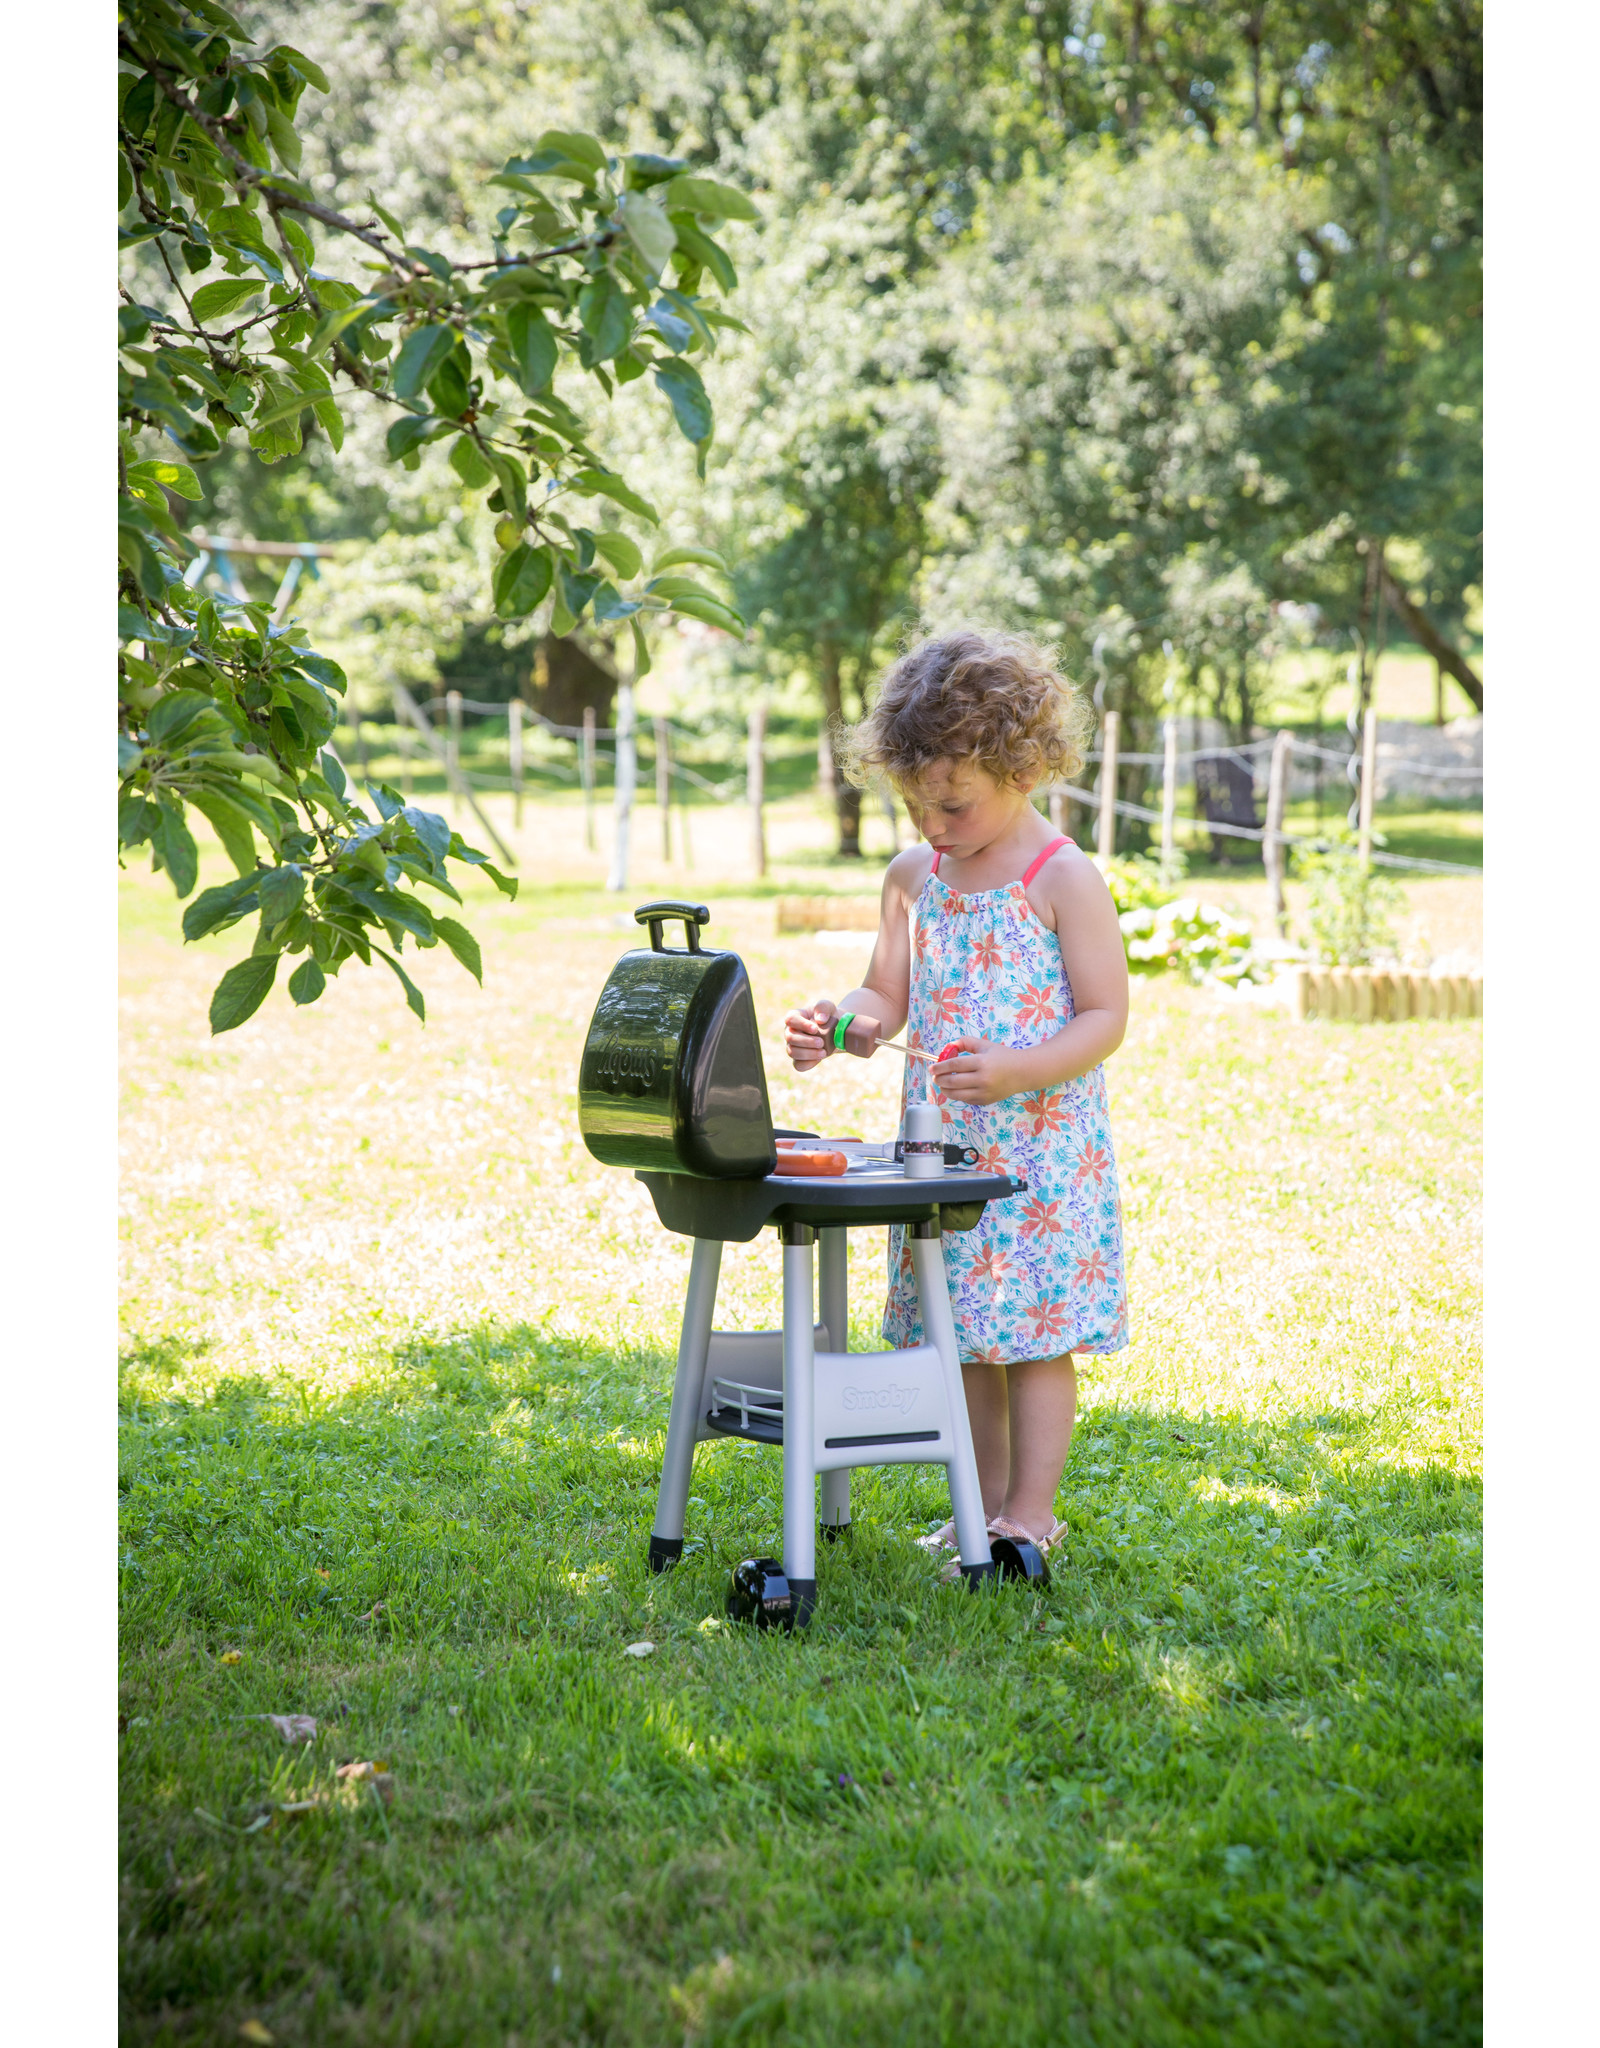 Smoby Smoby - Barbecue - Speel Keuken - Altoys - Copy